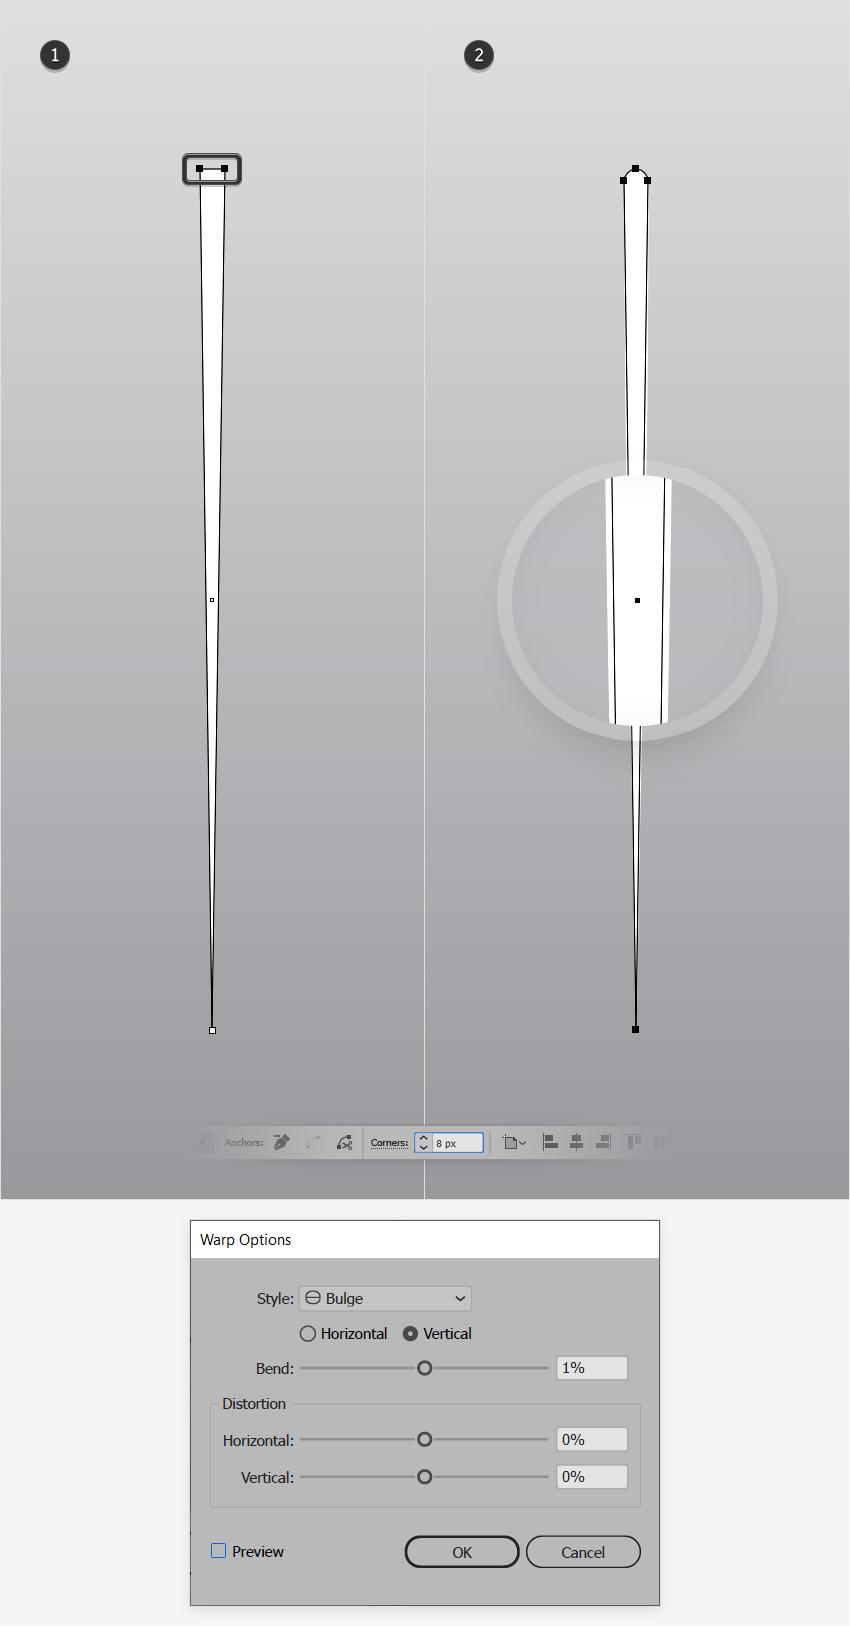 Góc bán kính Warp Bulge